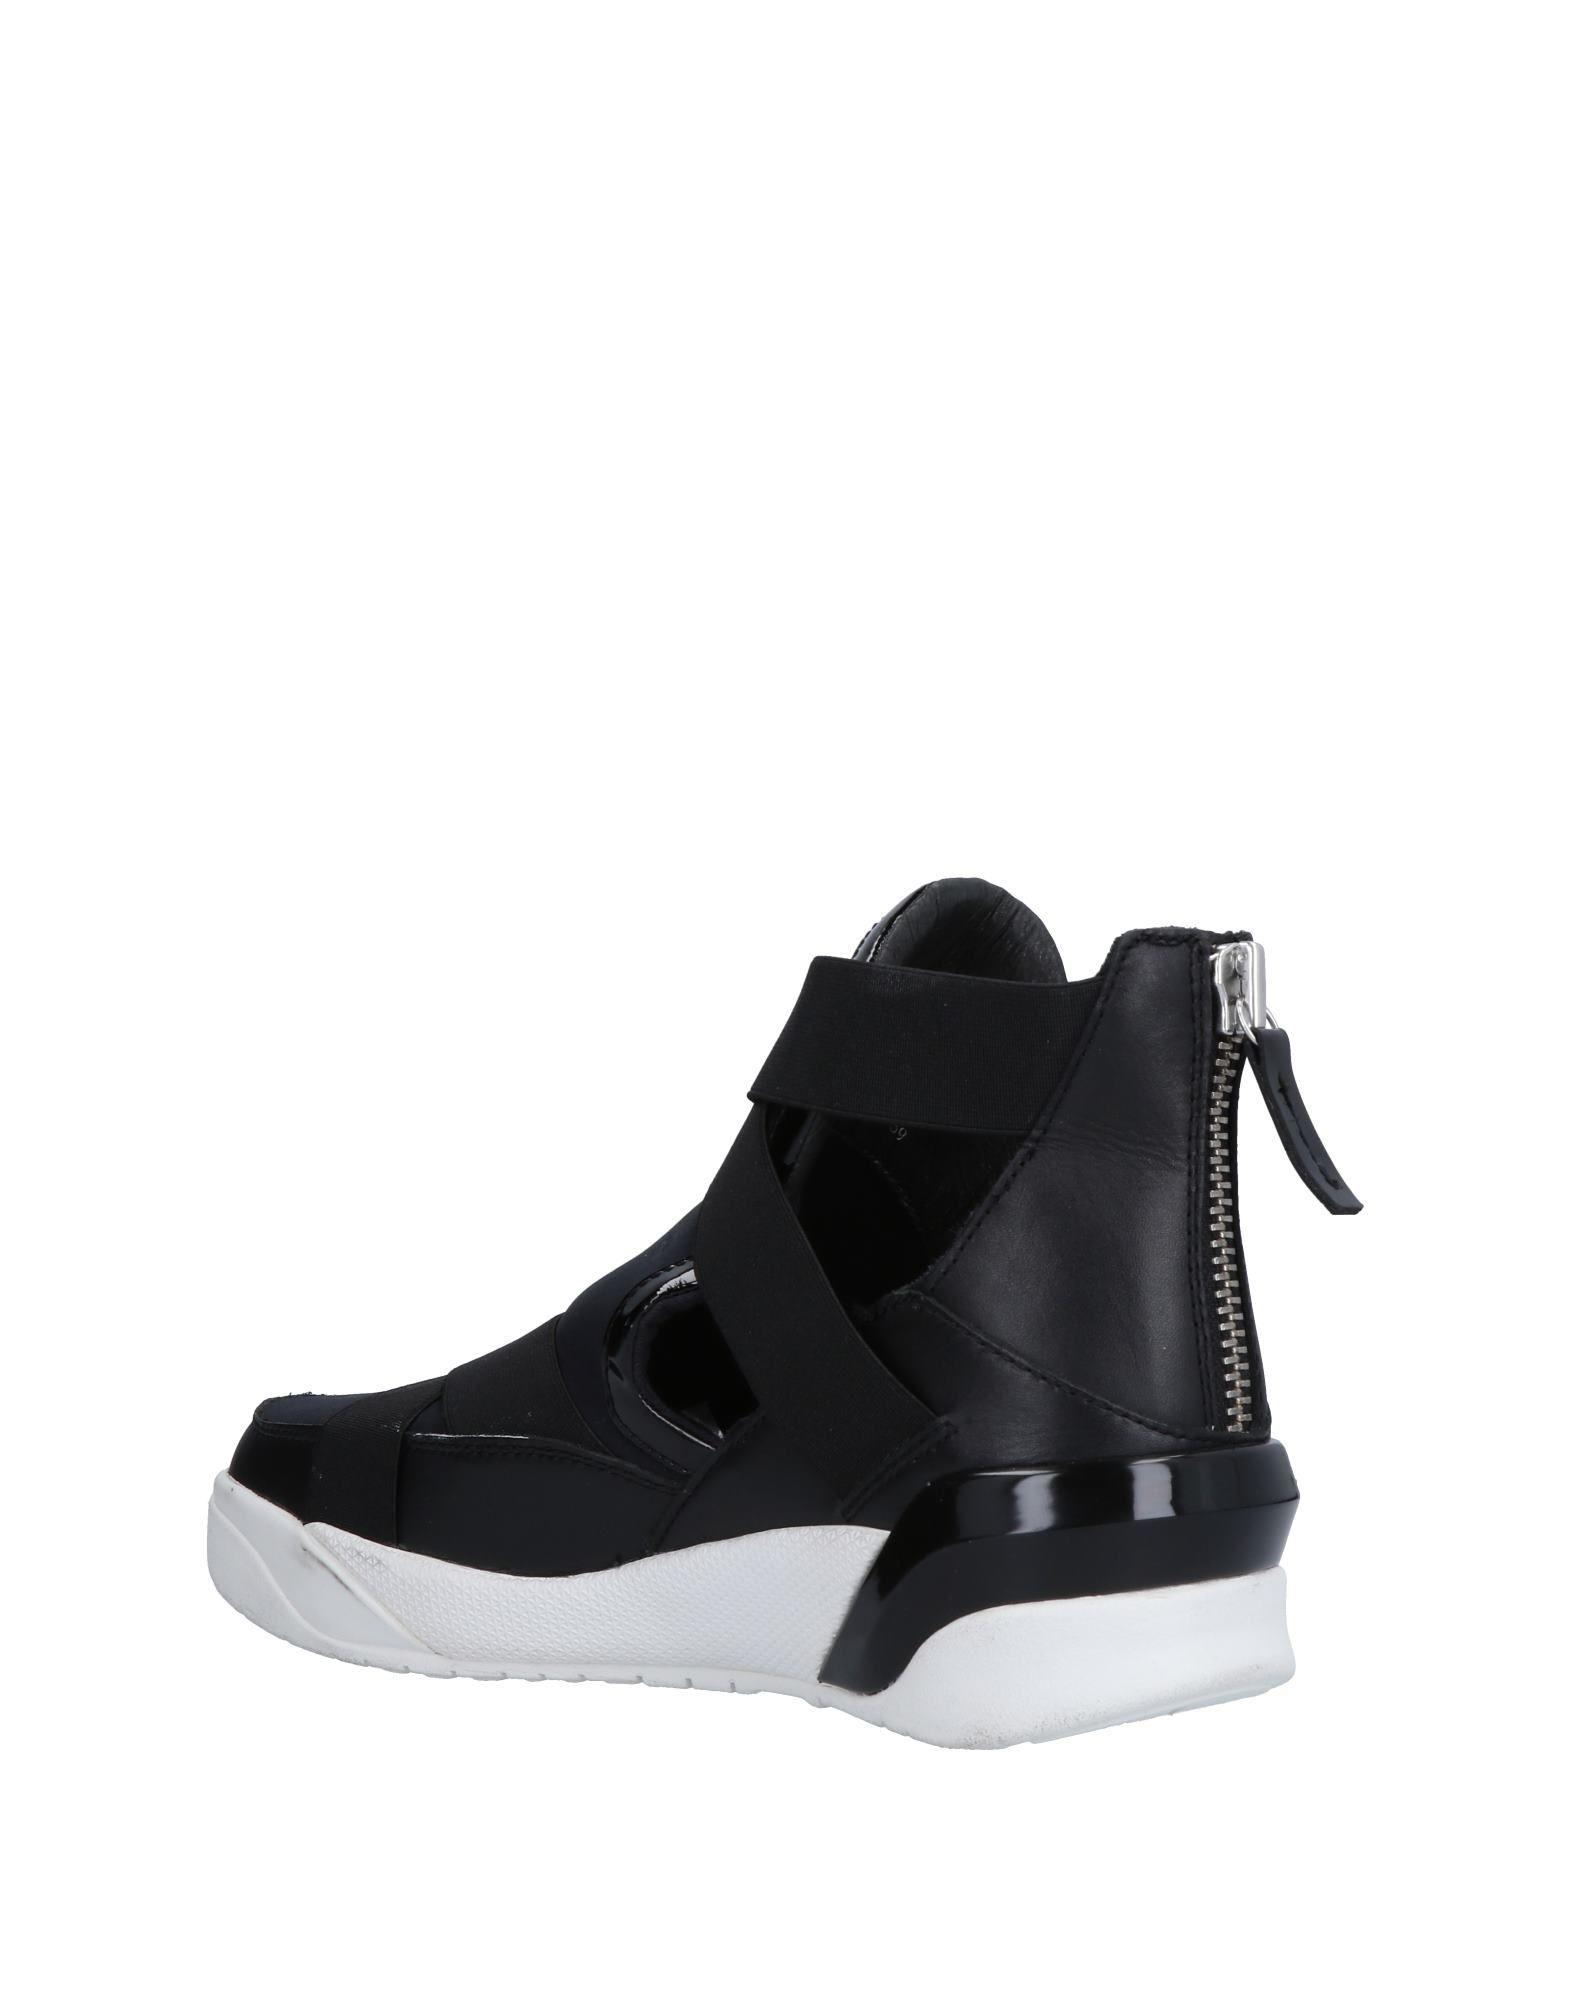 Rabatt echte Herren Schuhe Crime London Sneakers Herren echte  11507888WL dd3f3b